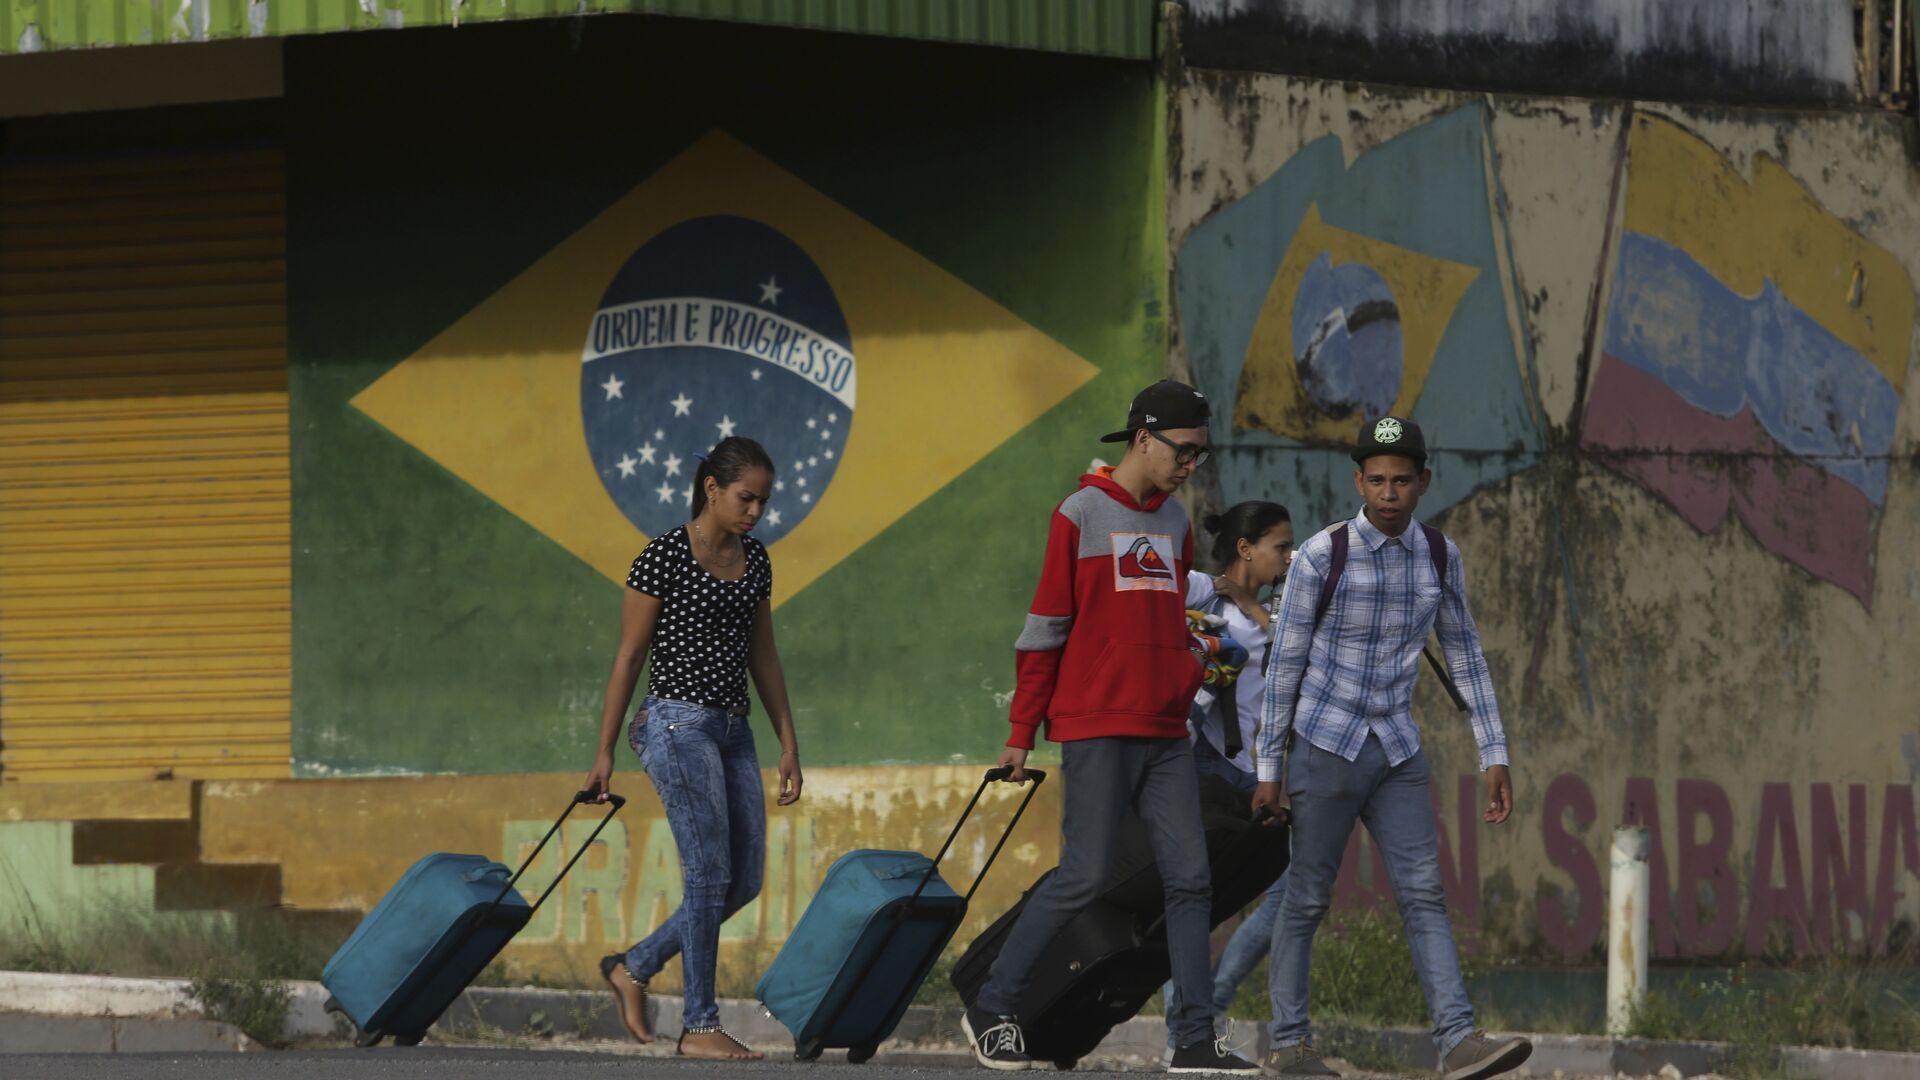 Migrantes venezolanos en el estado de Roraima, Brasil - Sputnik Mundo, 1920, 30.04.2021